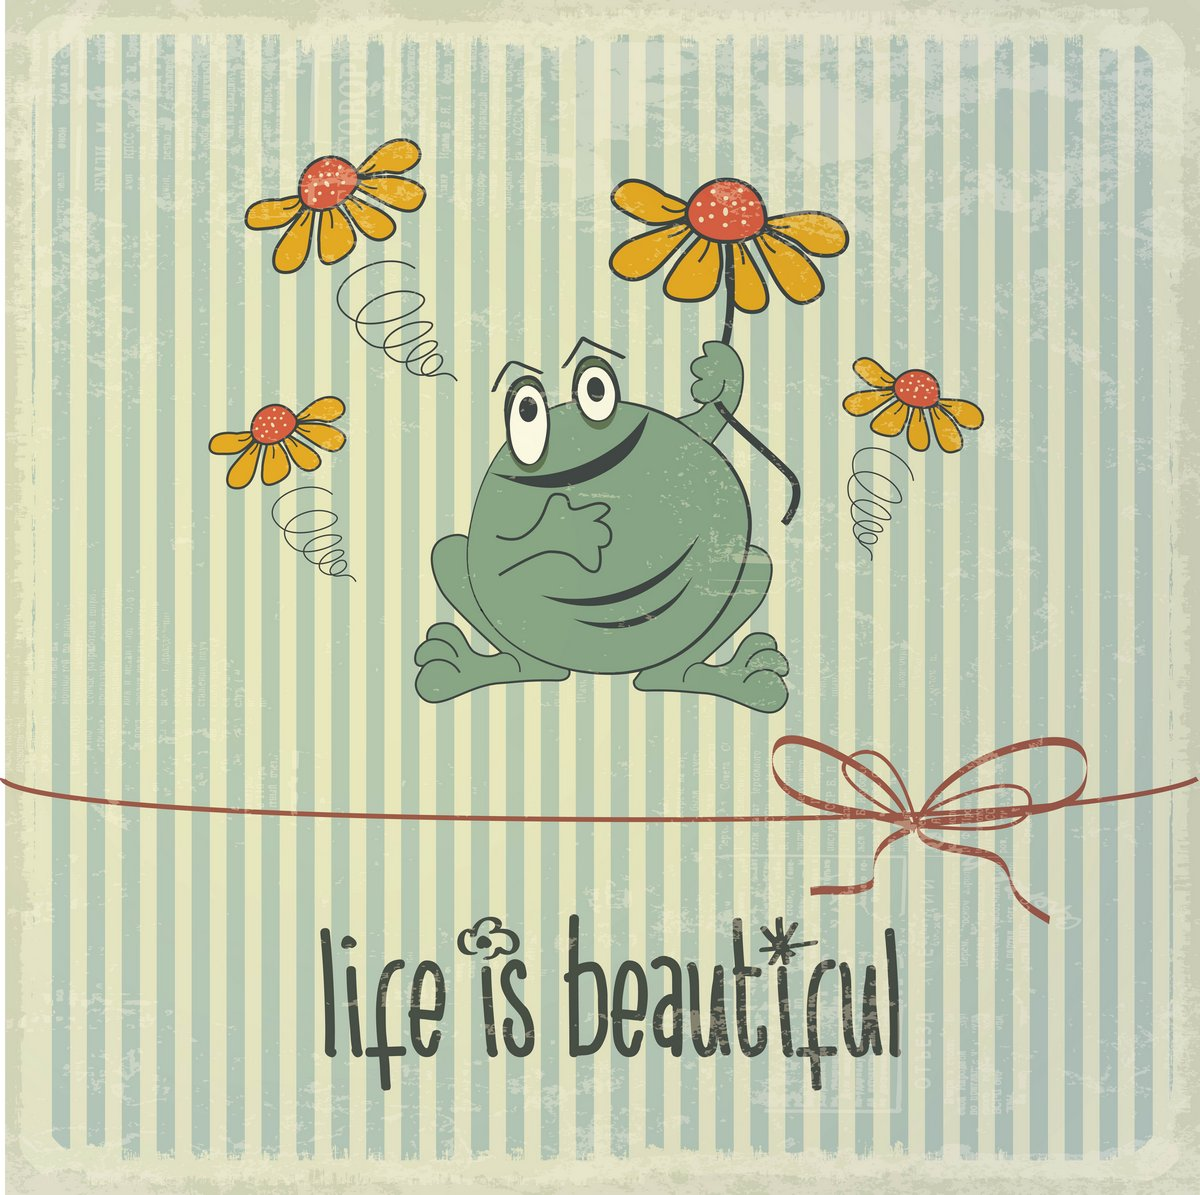 Постер-картина Мотивационный плакат Ретро иллюстрация с счастливые лягушки и фраза Жизнь прекраснаМотивационный плакат<br>Постер на холсте или бумаге. Любого нужного вам размера. В раме или без. Подвес в комплекте. Трехслойная надежная упаковка. Доставим в любую точку России. Вам осталось только повесить картину на стену!<br>